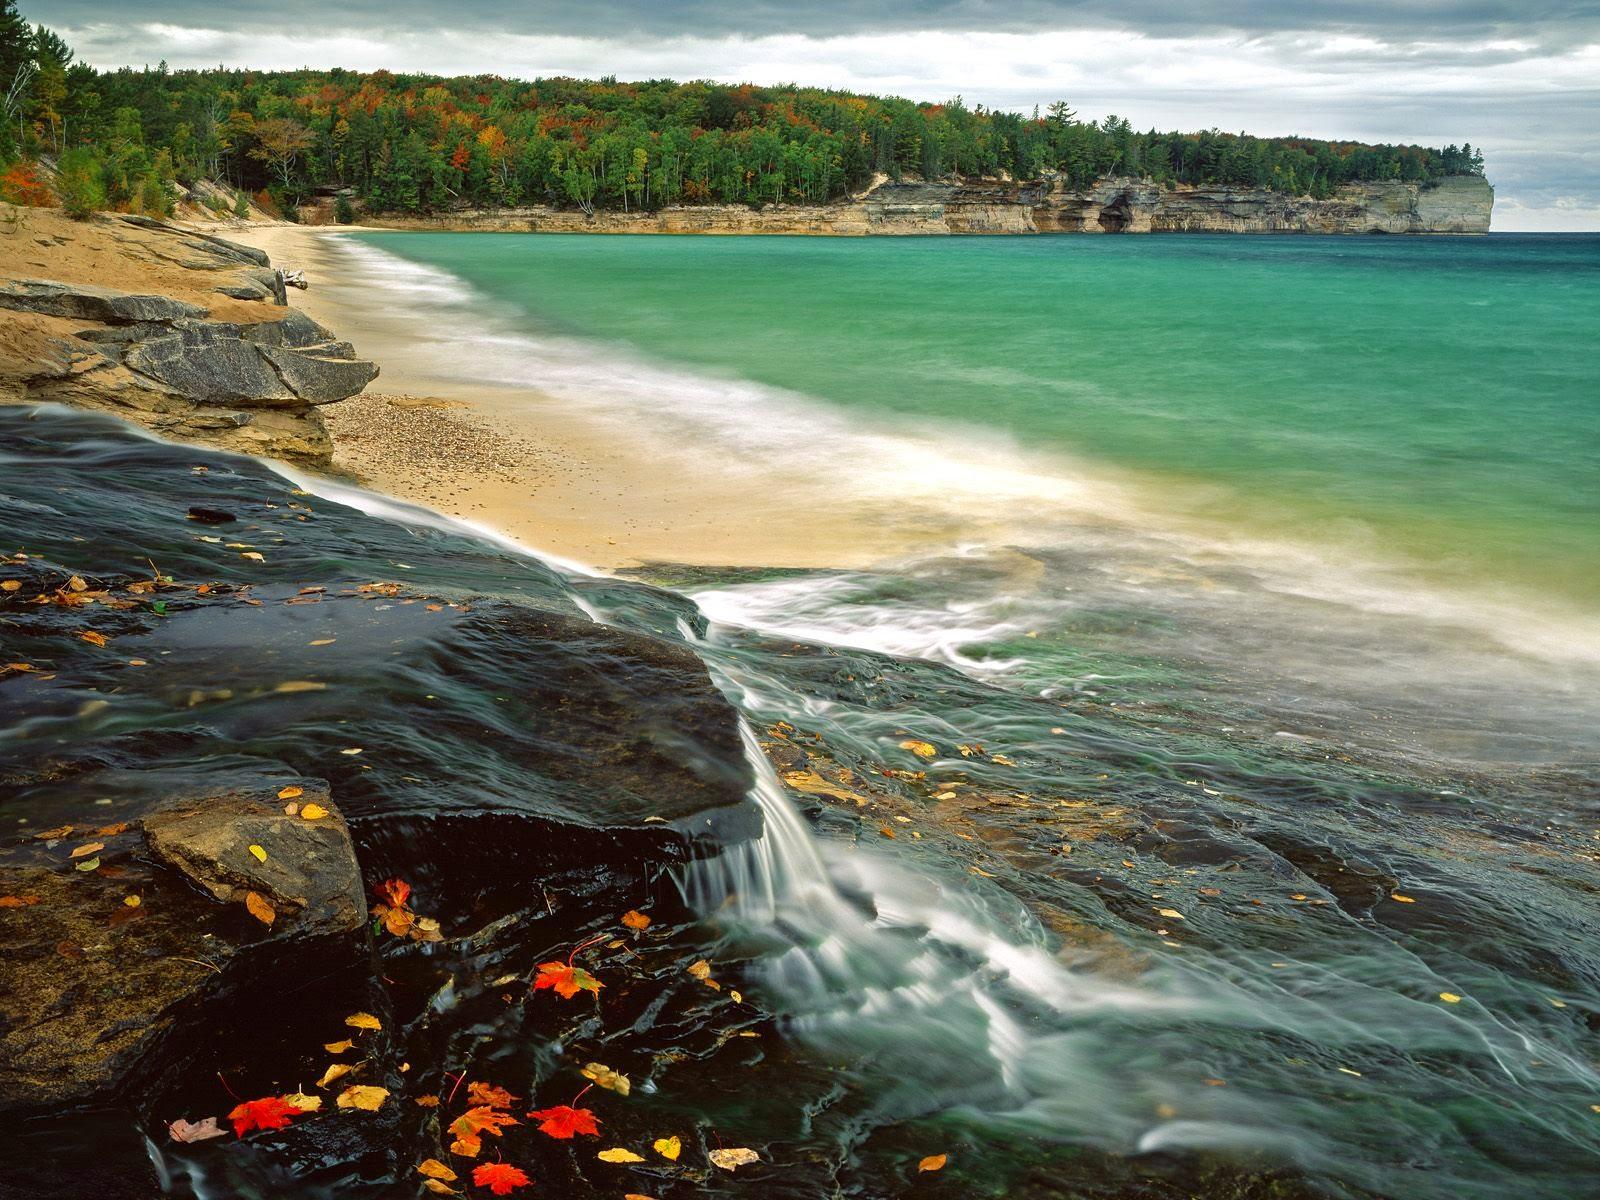 hình bãi biển mùa hè đẹp